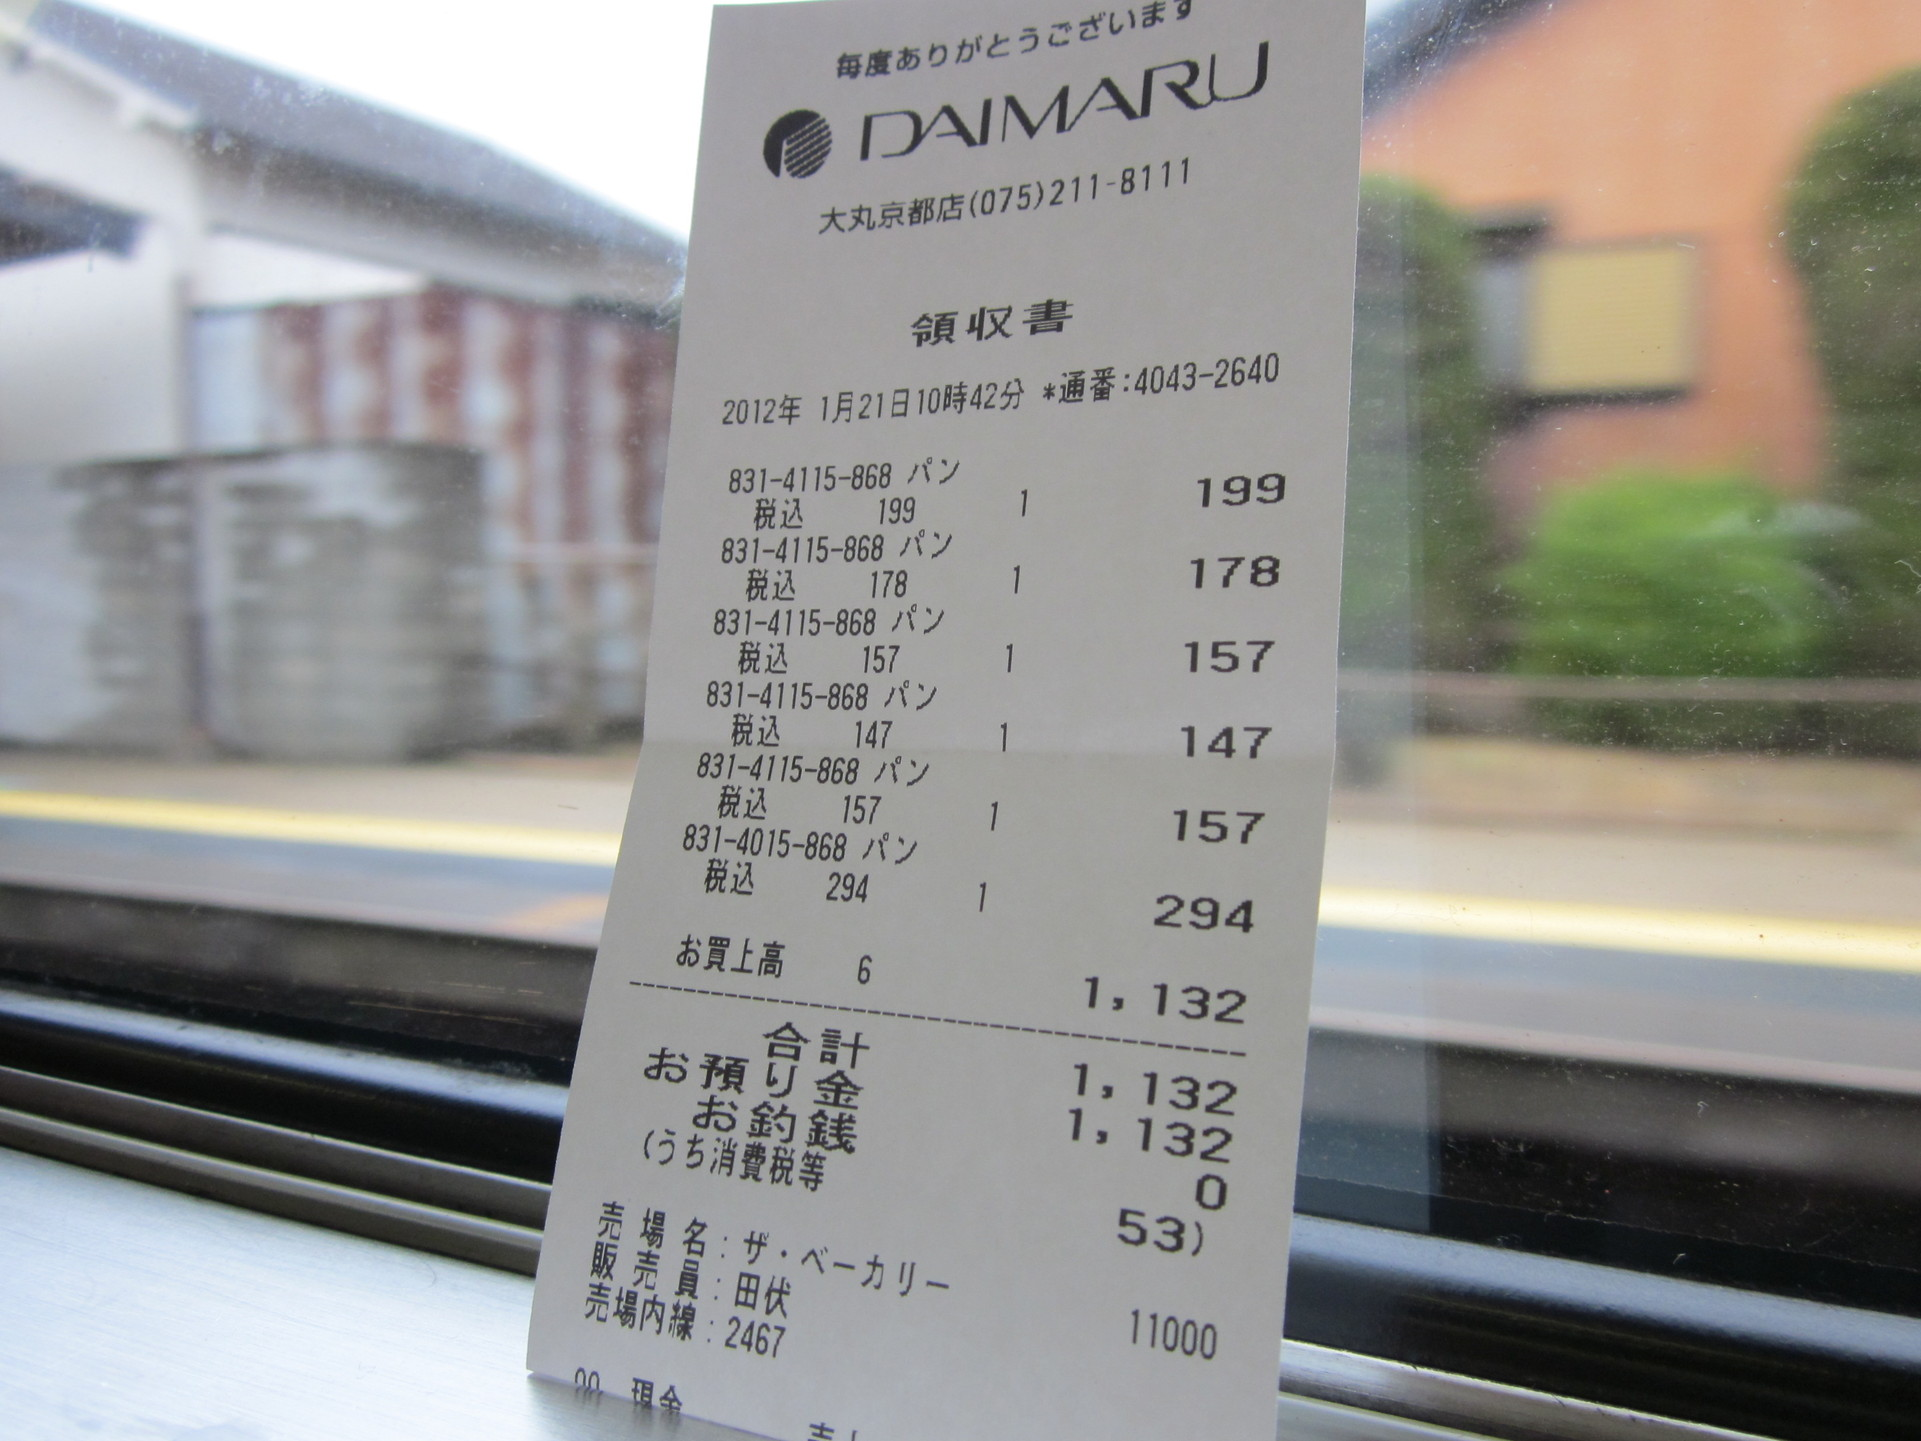 ブランジェリー ブリアン 京都大丸店